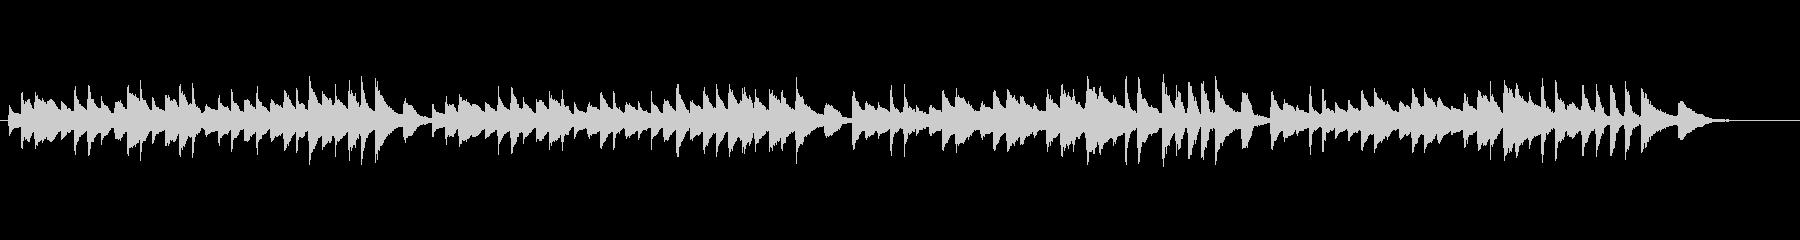 クラシックピアノ、チェルニーNo.26の未再生の波形